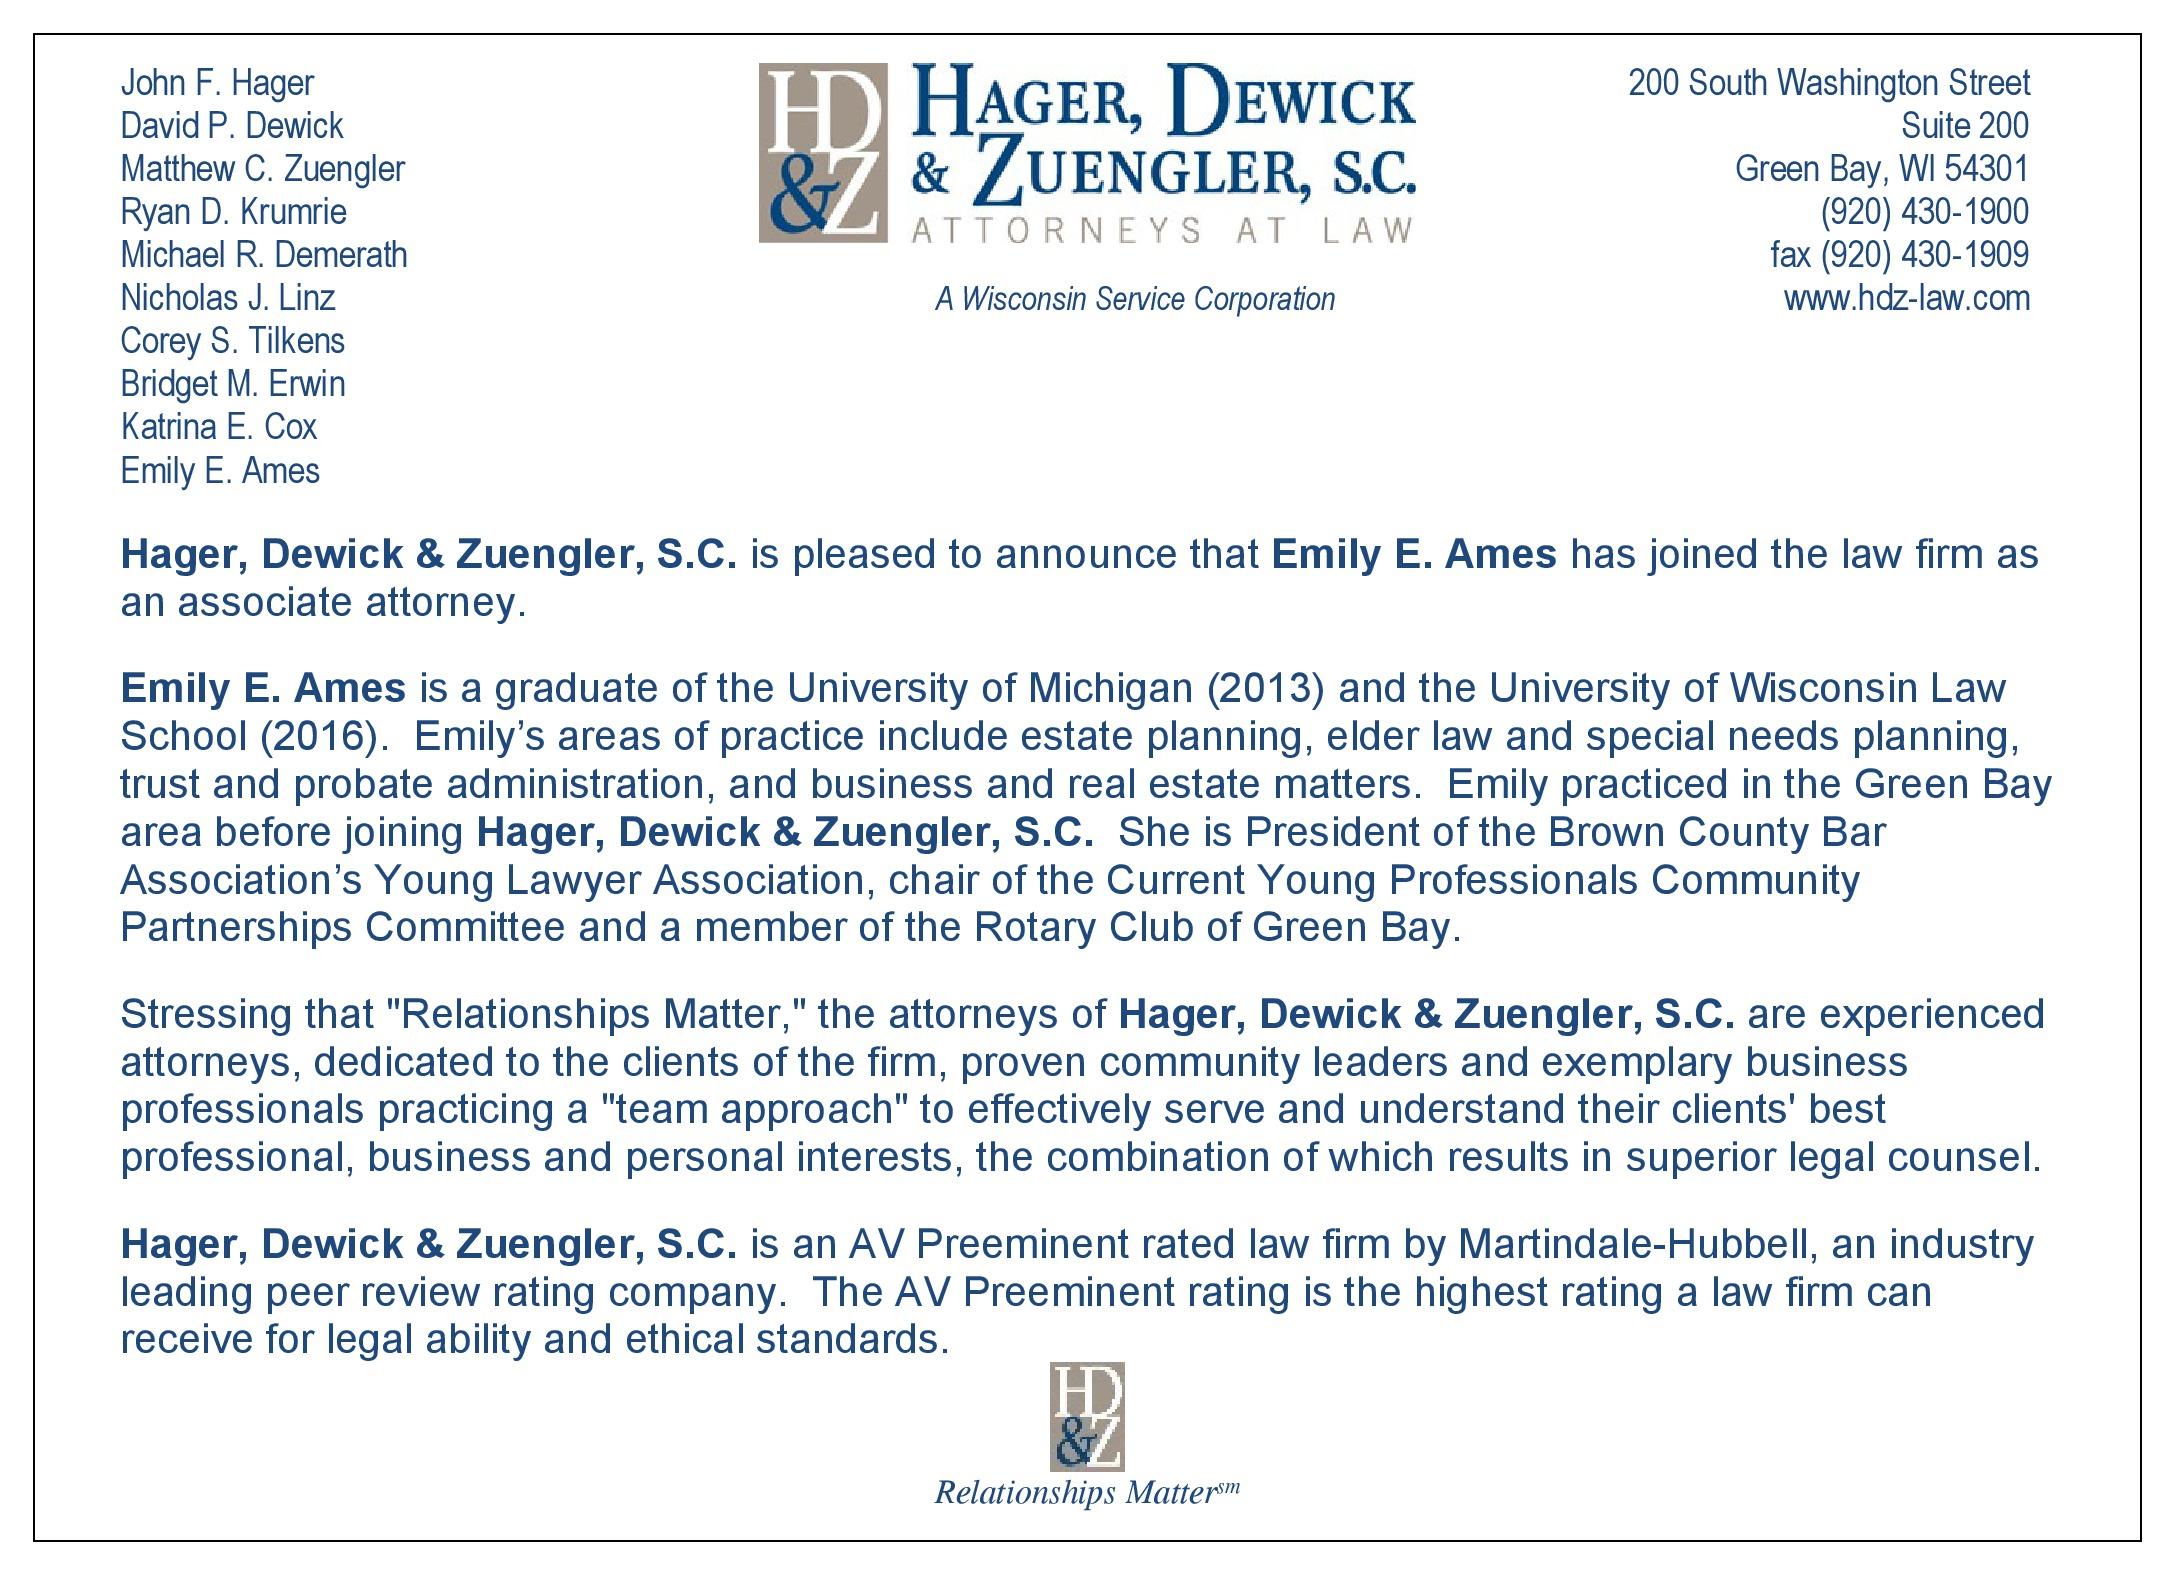 Emily Aimes Announcement Card